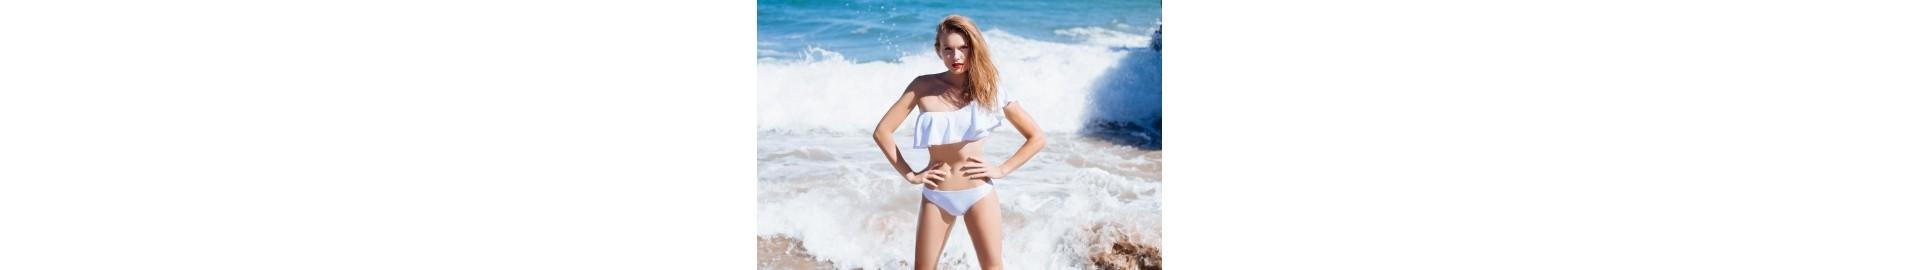 los bikinis nuevo del 2019 ya estan aqui!